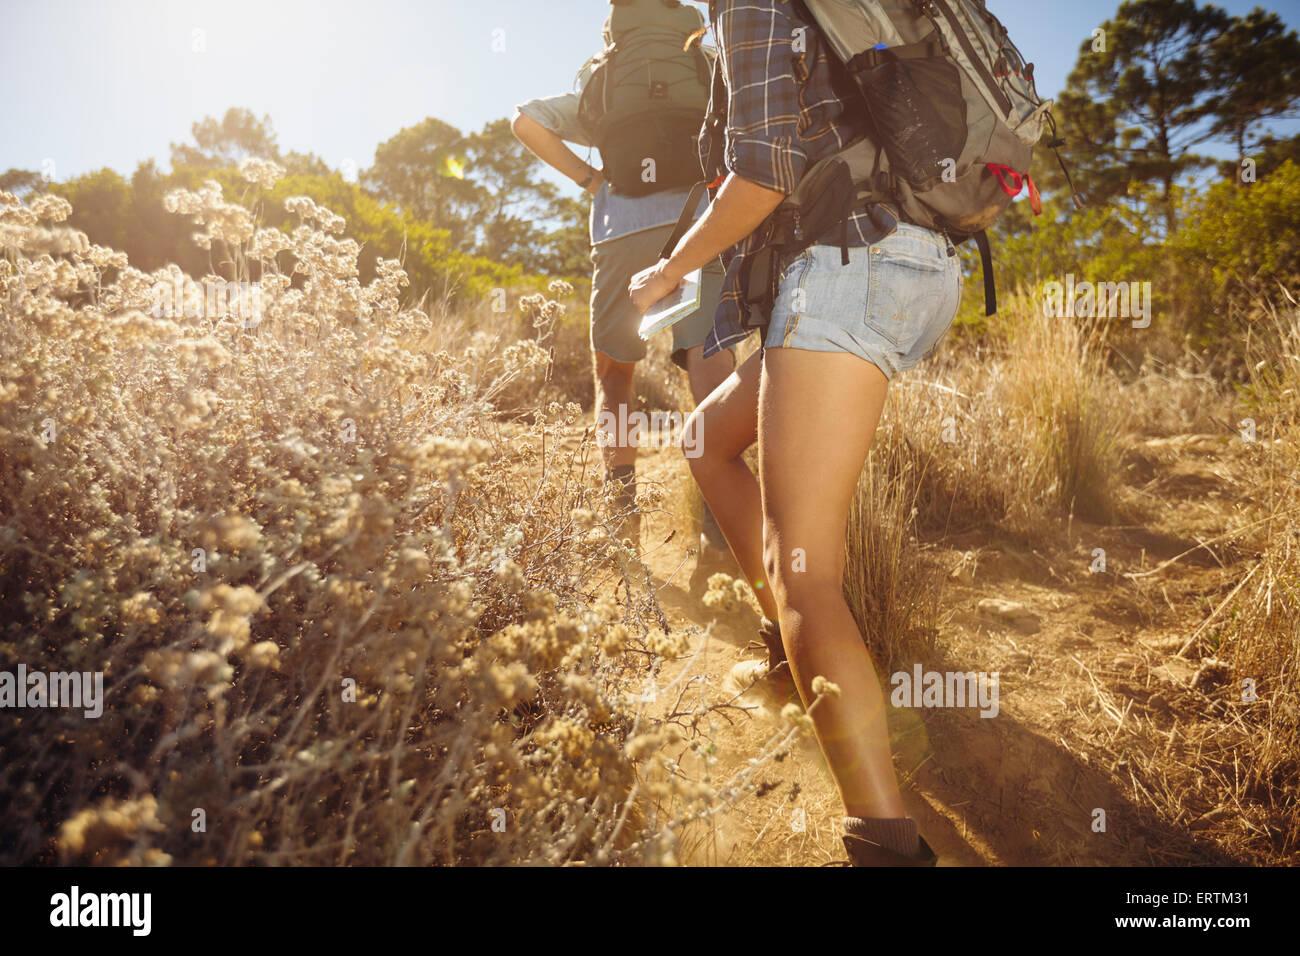 Portrait de l'homme et de la femme marche sur chemin-pays. Jeune couple randonnées en montagne aux beaux Photo Stock